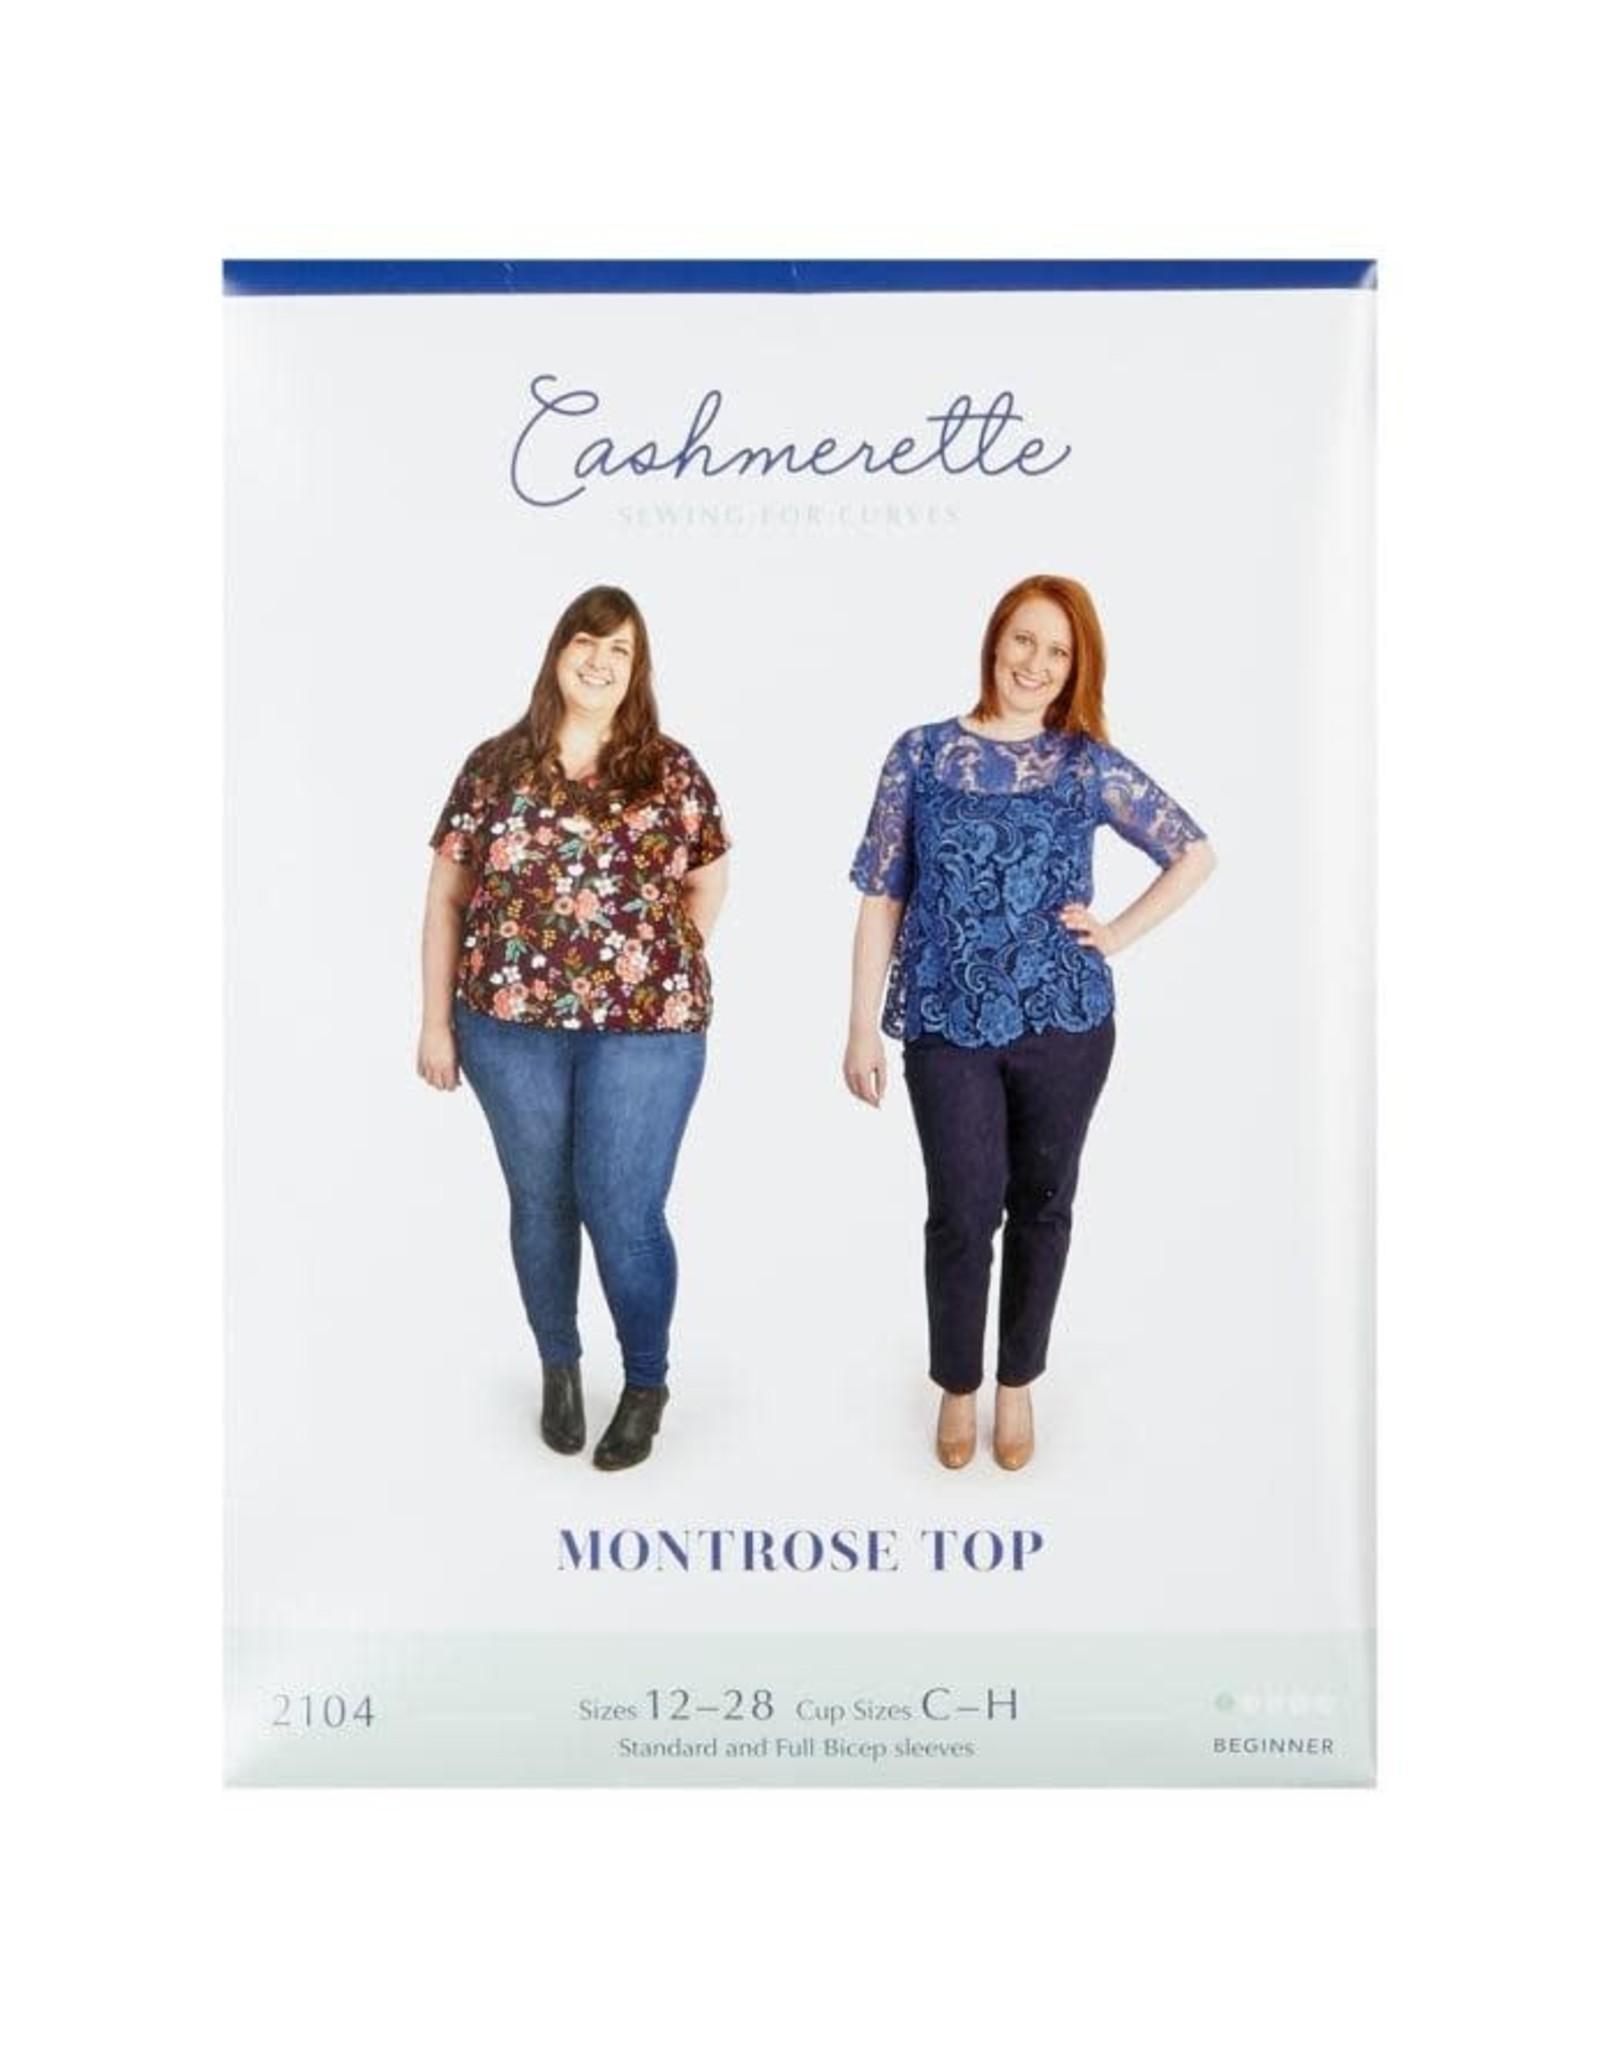 Cashmerette Montrose Top Pattern